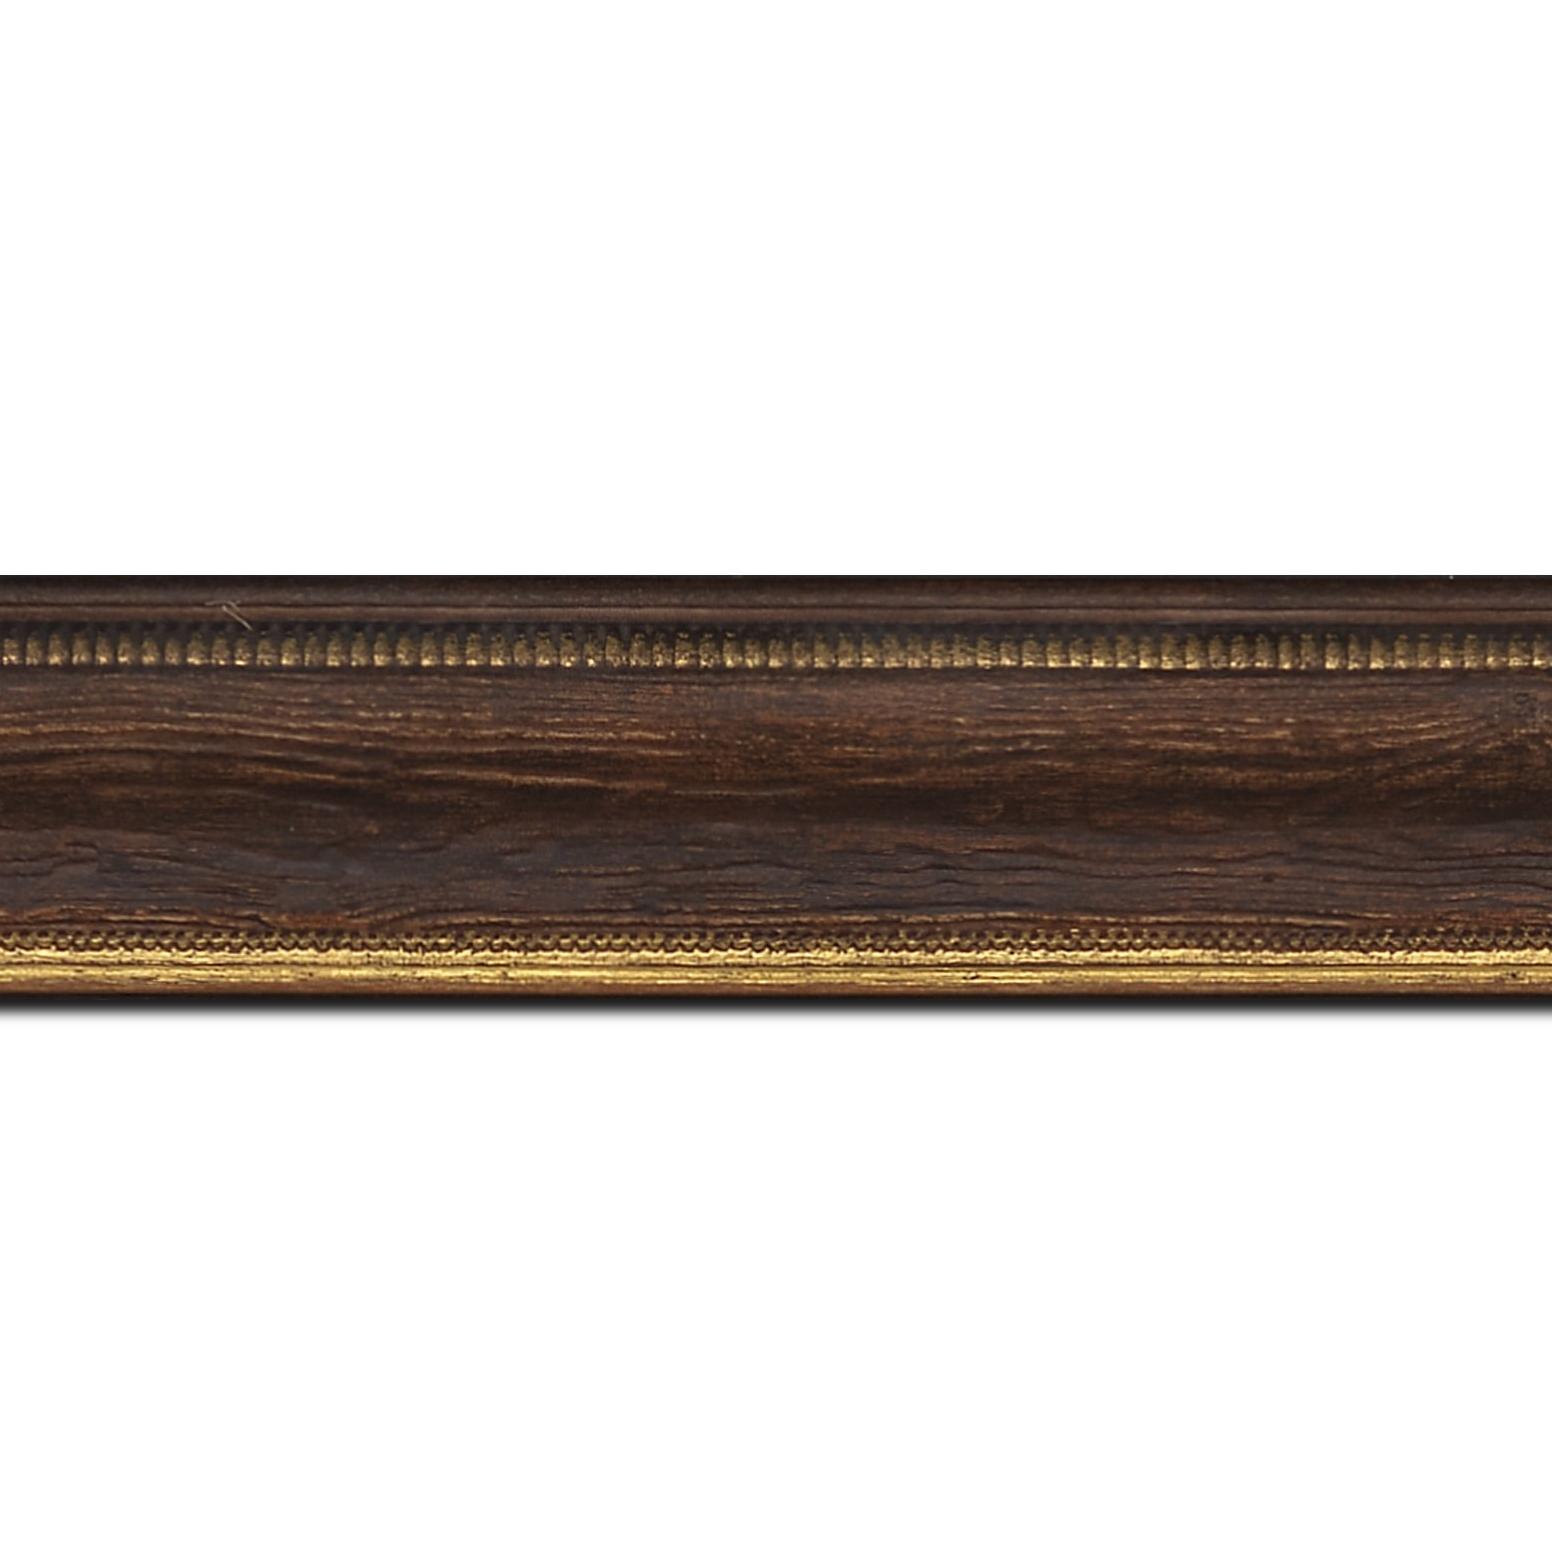 Baguette longueur 1.40m bois incurvé profil incurvé largeur 4.1cm couleur marron foncé aspect veiné liseret or